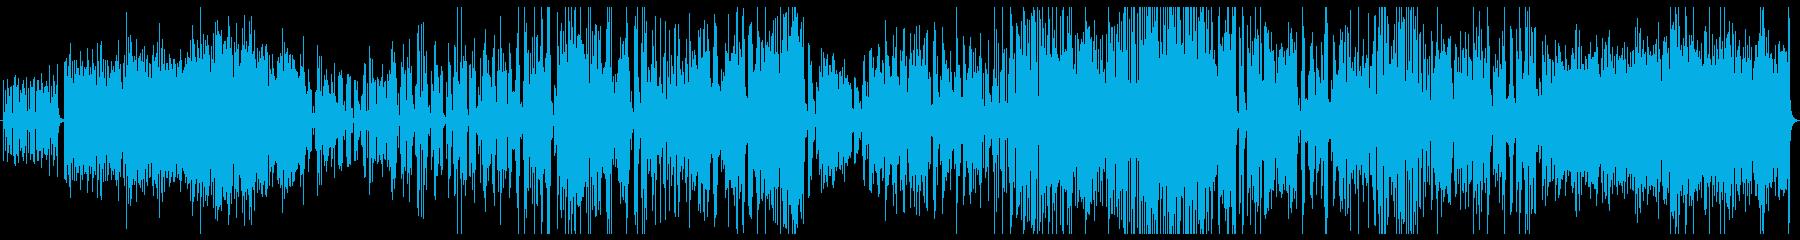 無機質は雰囲気で変拍子アップテンポの再生済みの波形